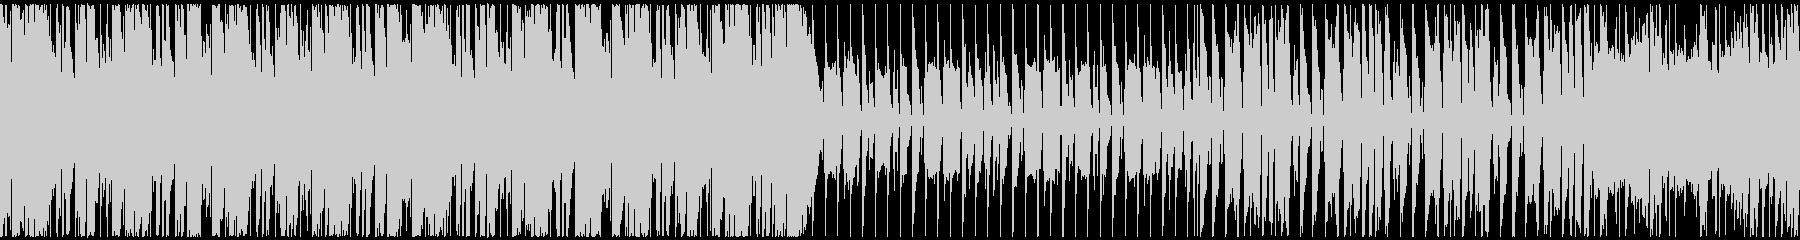 【ループ対応】ブラスファンクポップの未再生の波形